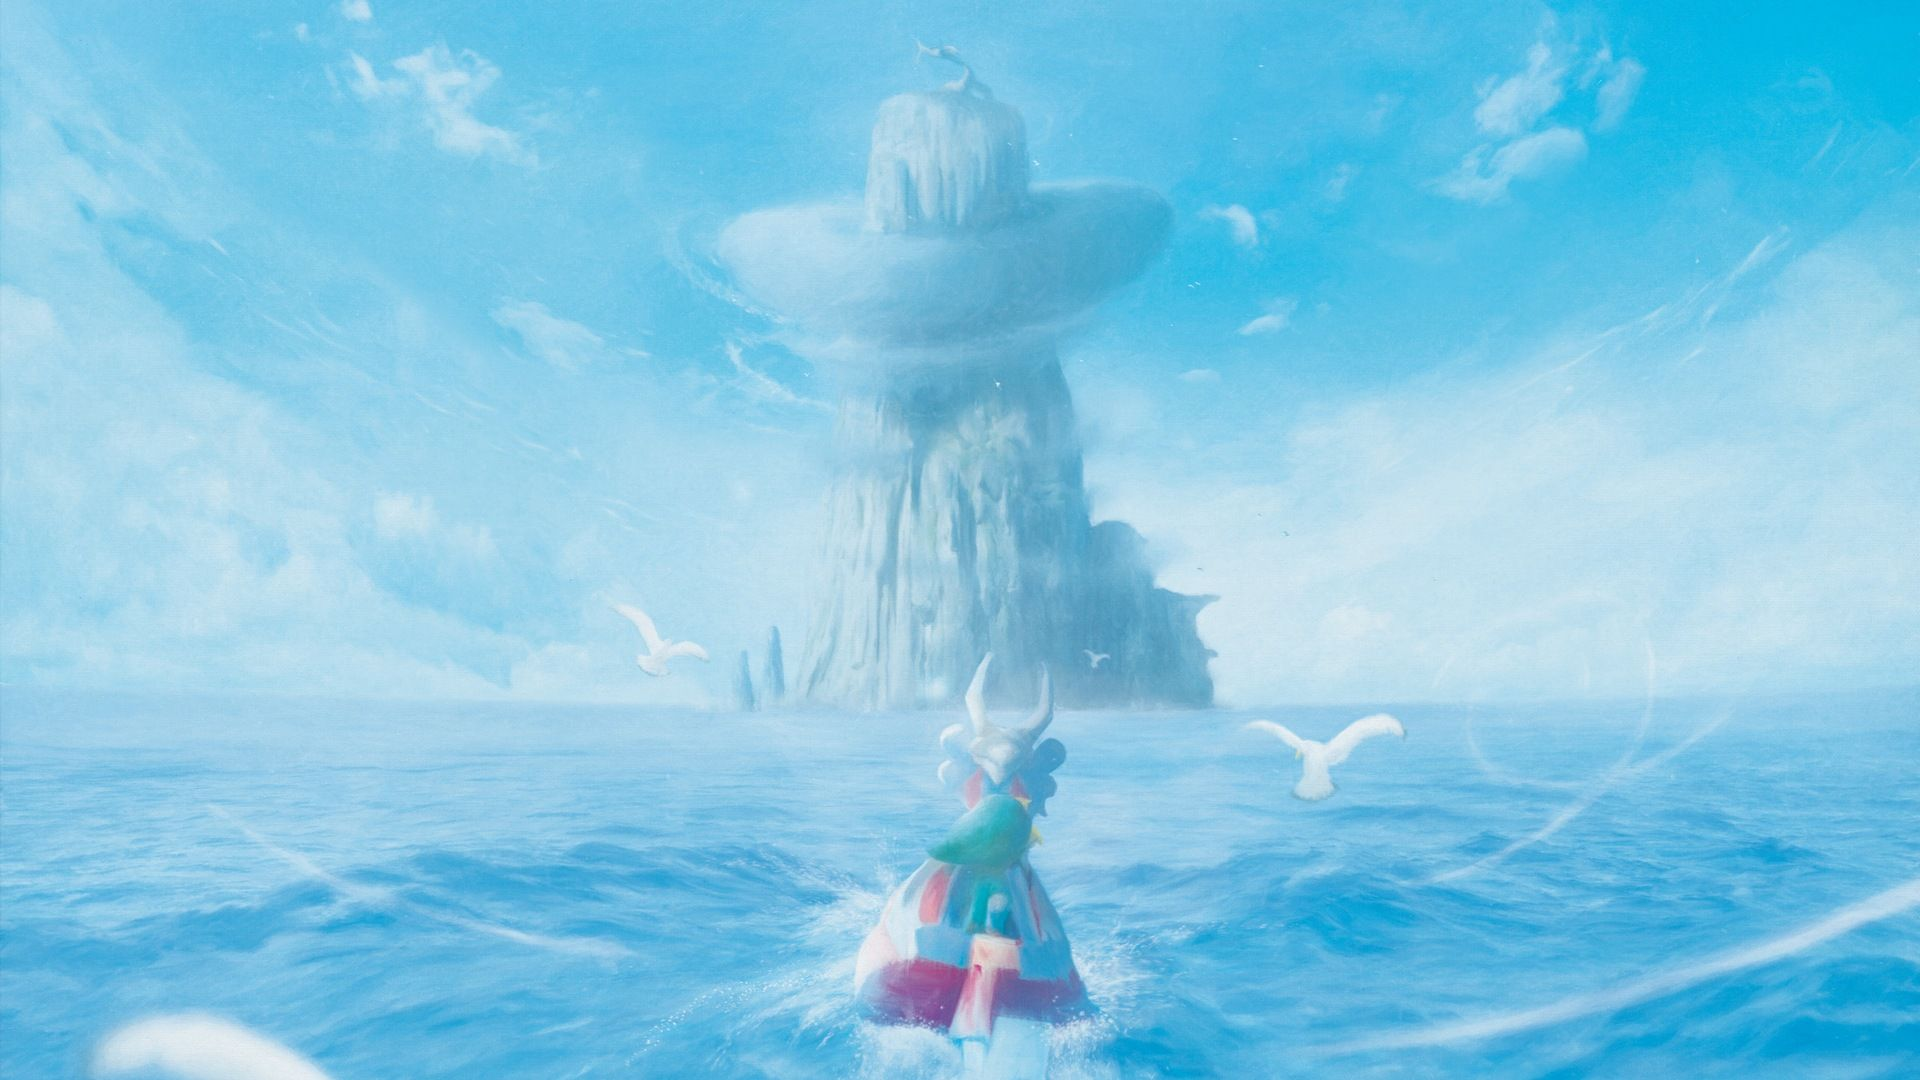 Wind Waker Hd Wallpaper: The Legend Of Zelda / Wind Waker / Link / King Of Red